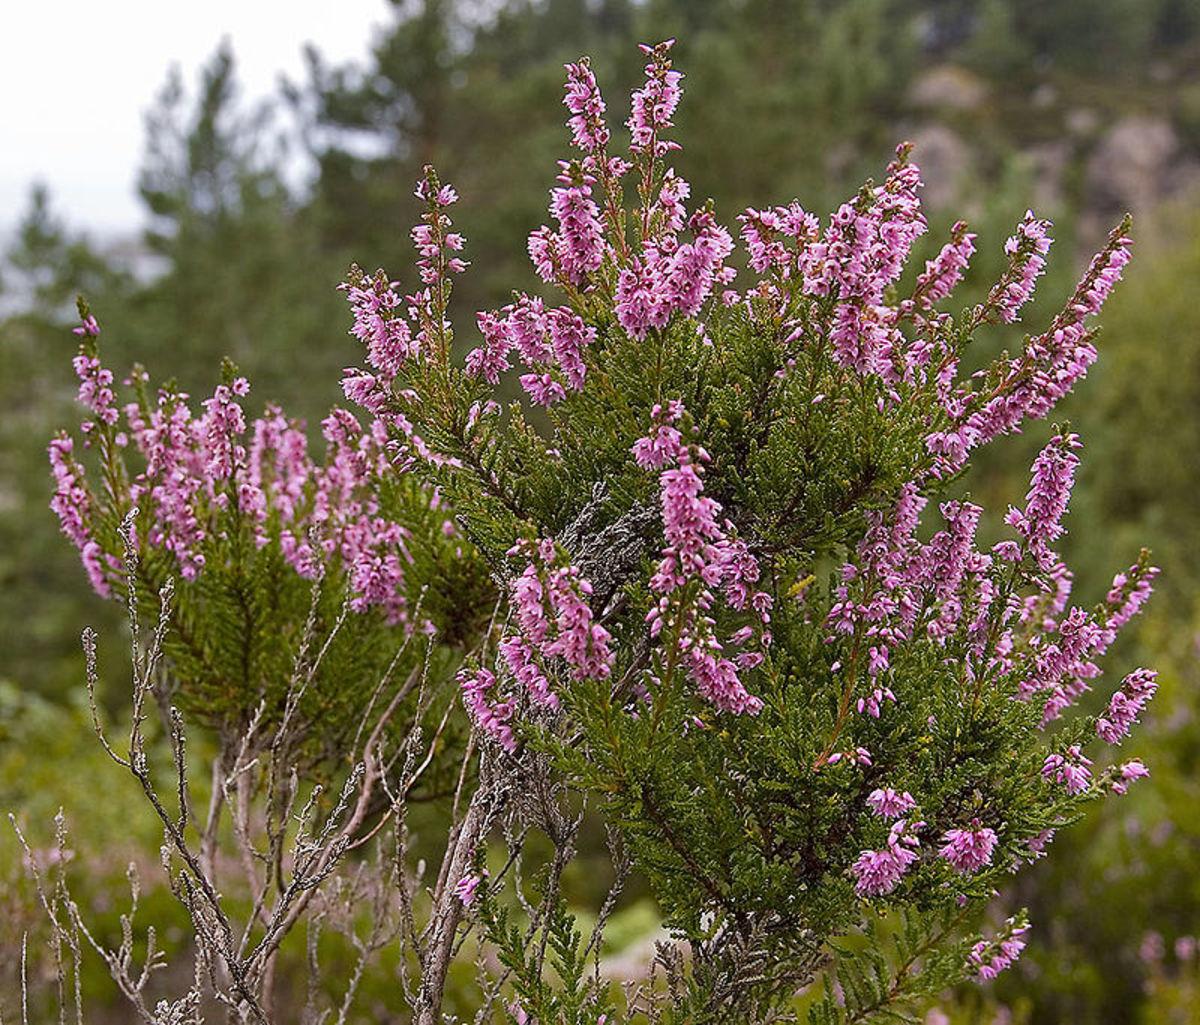 The flowering prairie